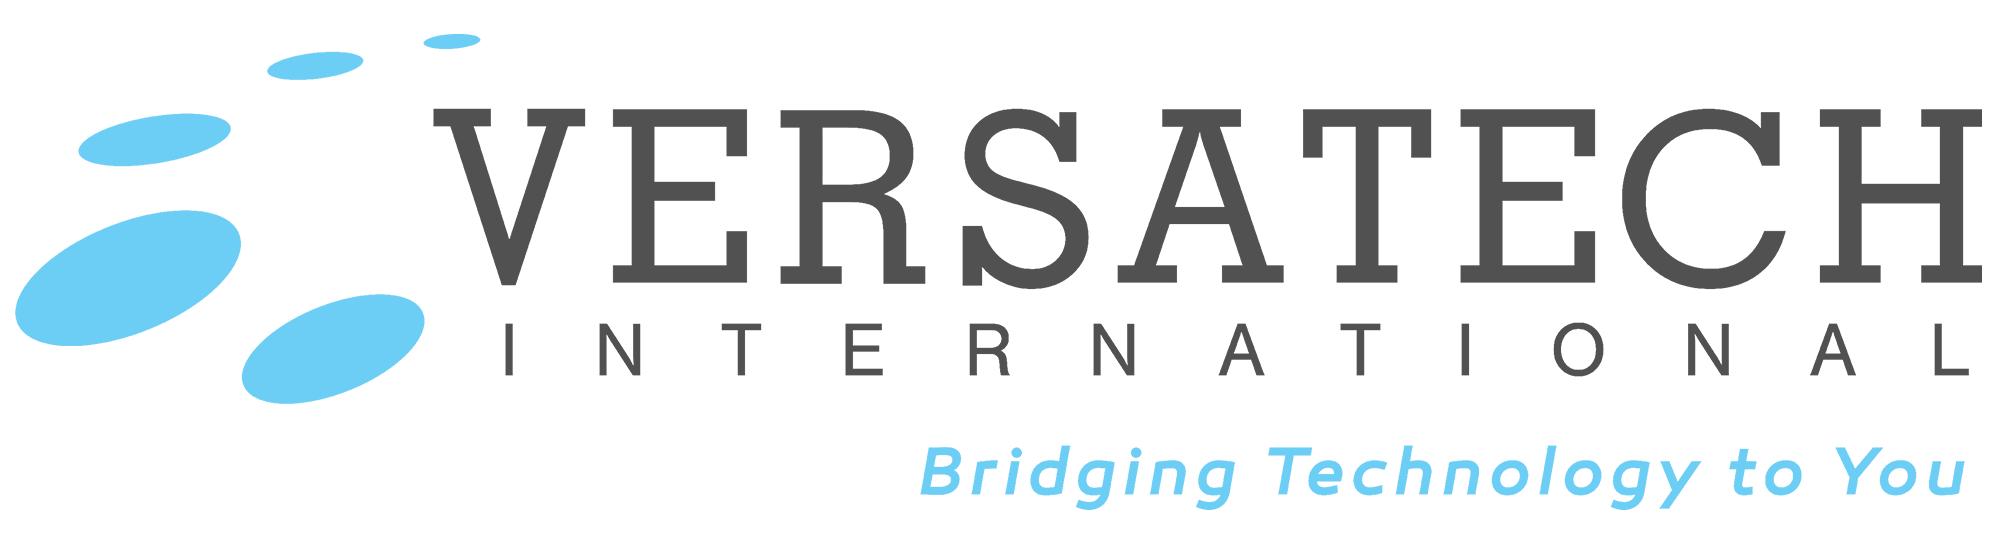 Versatech International Inc.